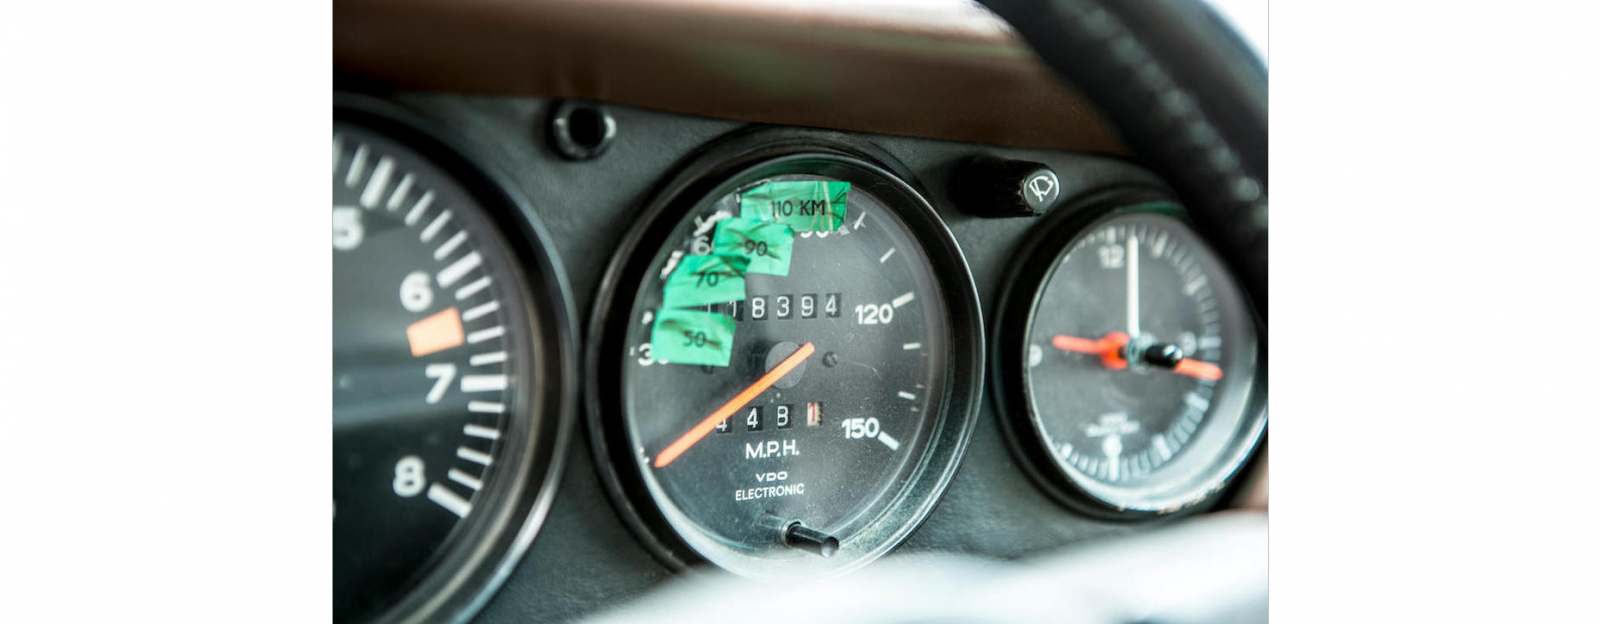 TV-Porsche såld för miljonbelopp